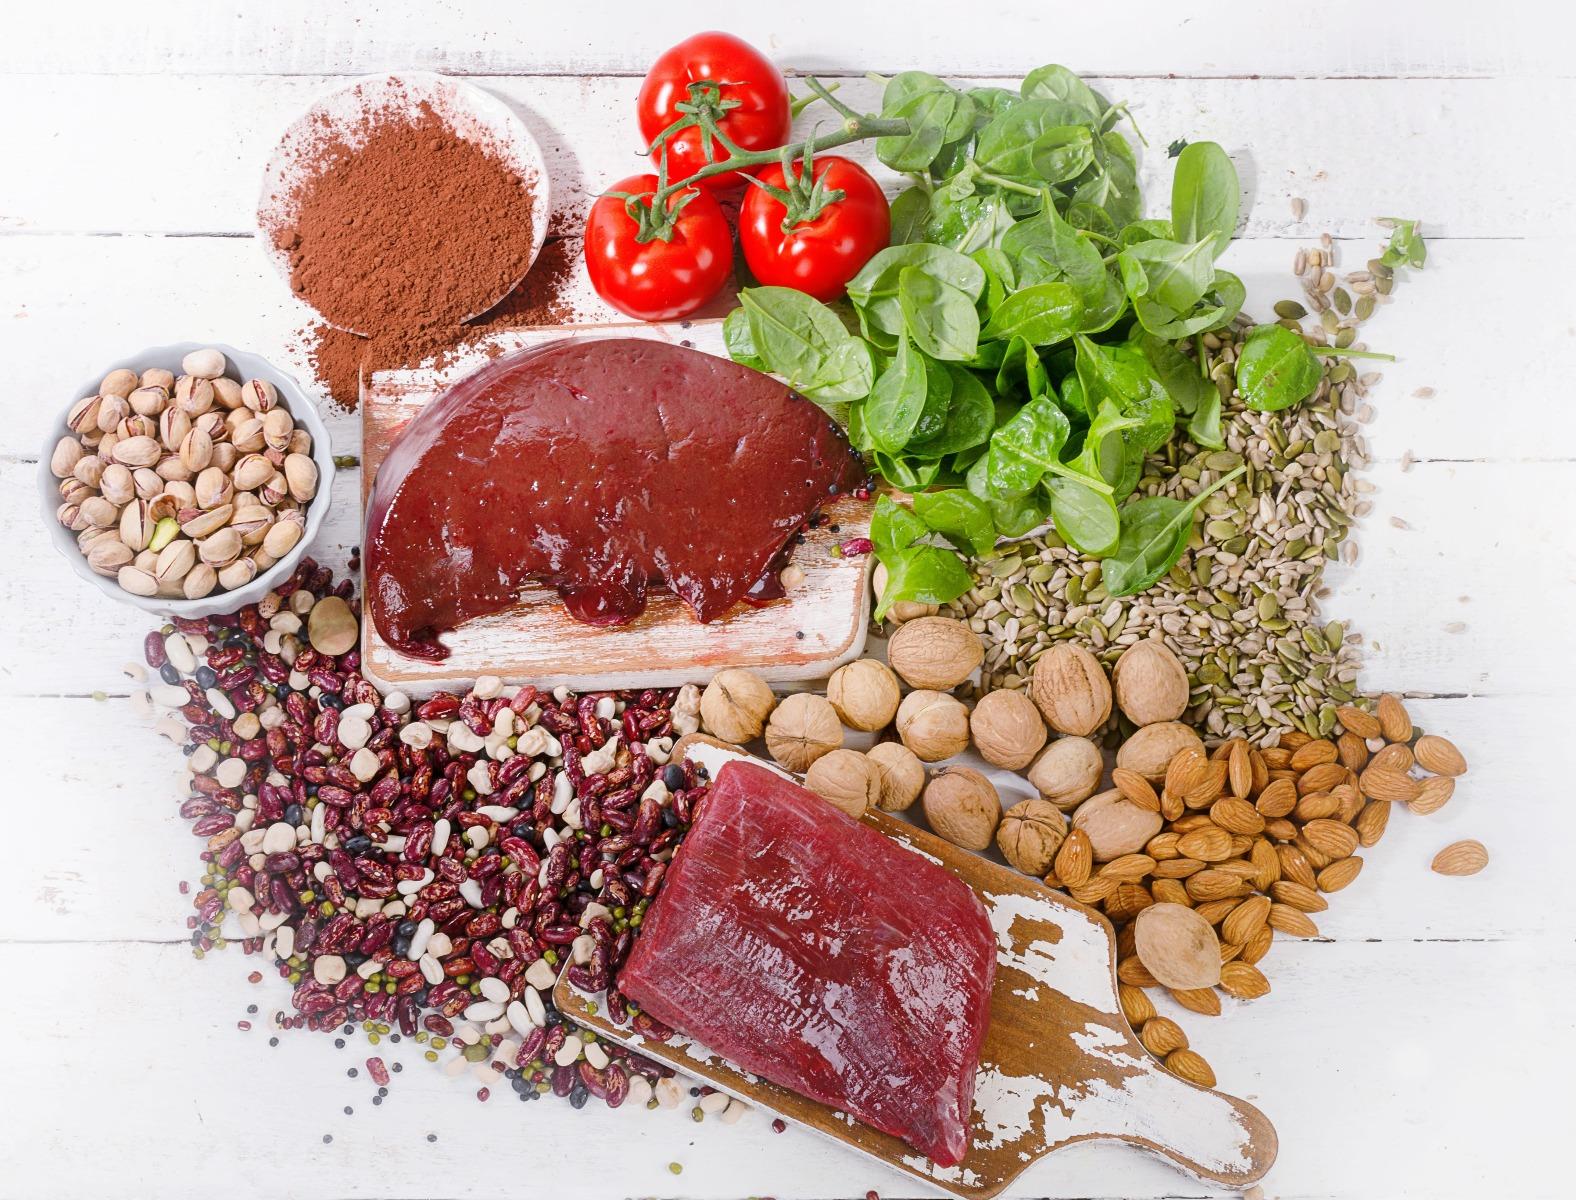 vas élelmiszerek pisztácia, spenót, magvak, dió, mandula